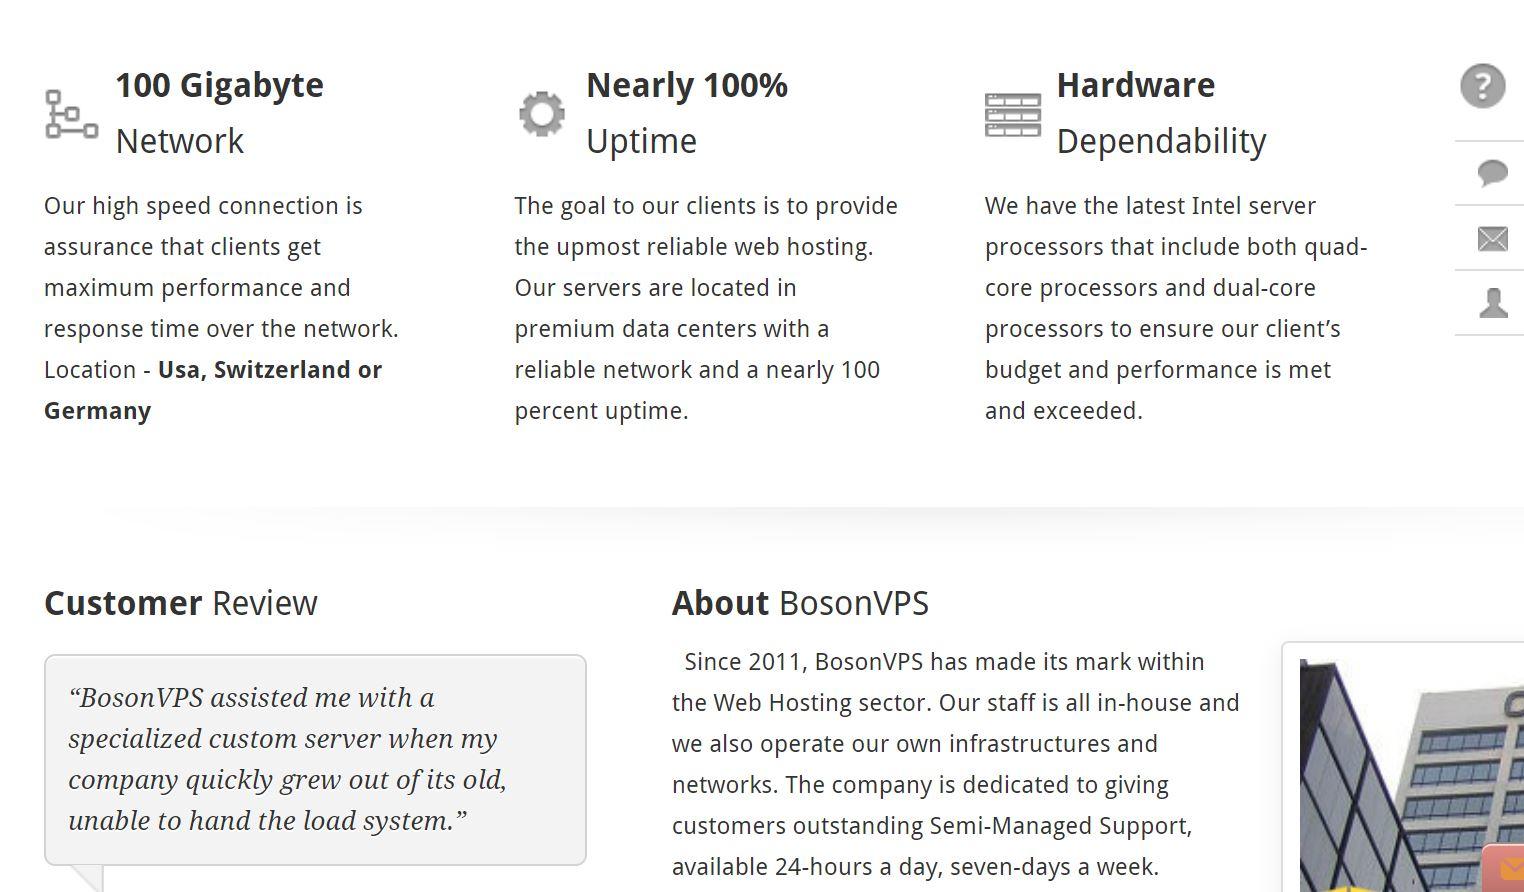 BosonVPS Overview